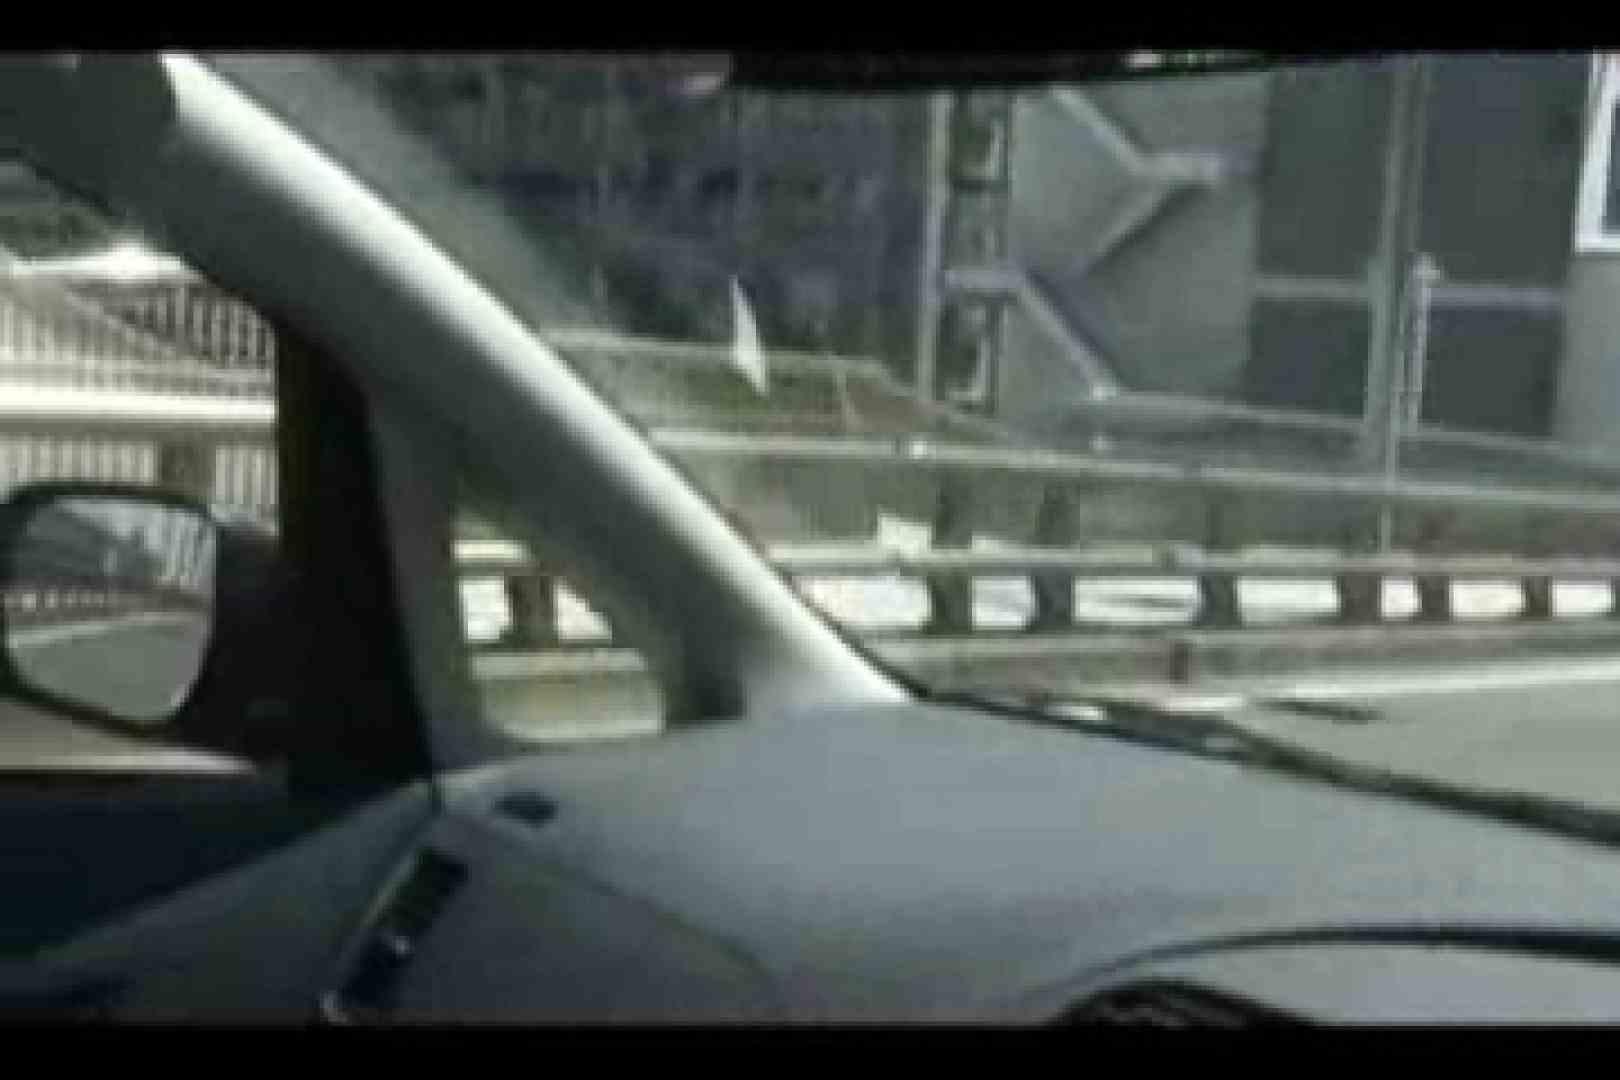 イケメンの逝きまくり旅情!!in 横浜 オナニー専門男子 ちんこ画像 76画像 22